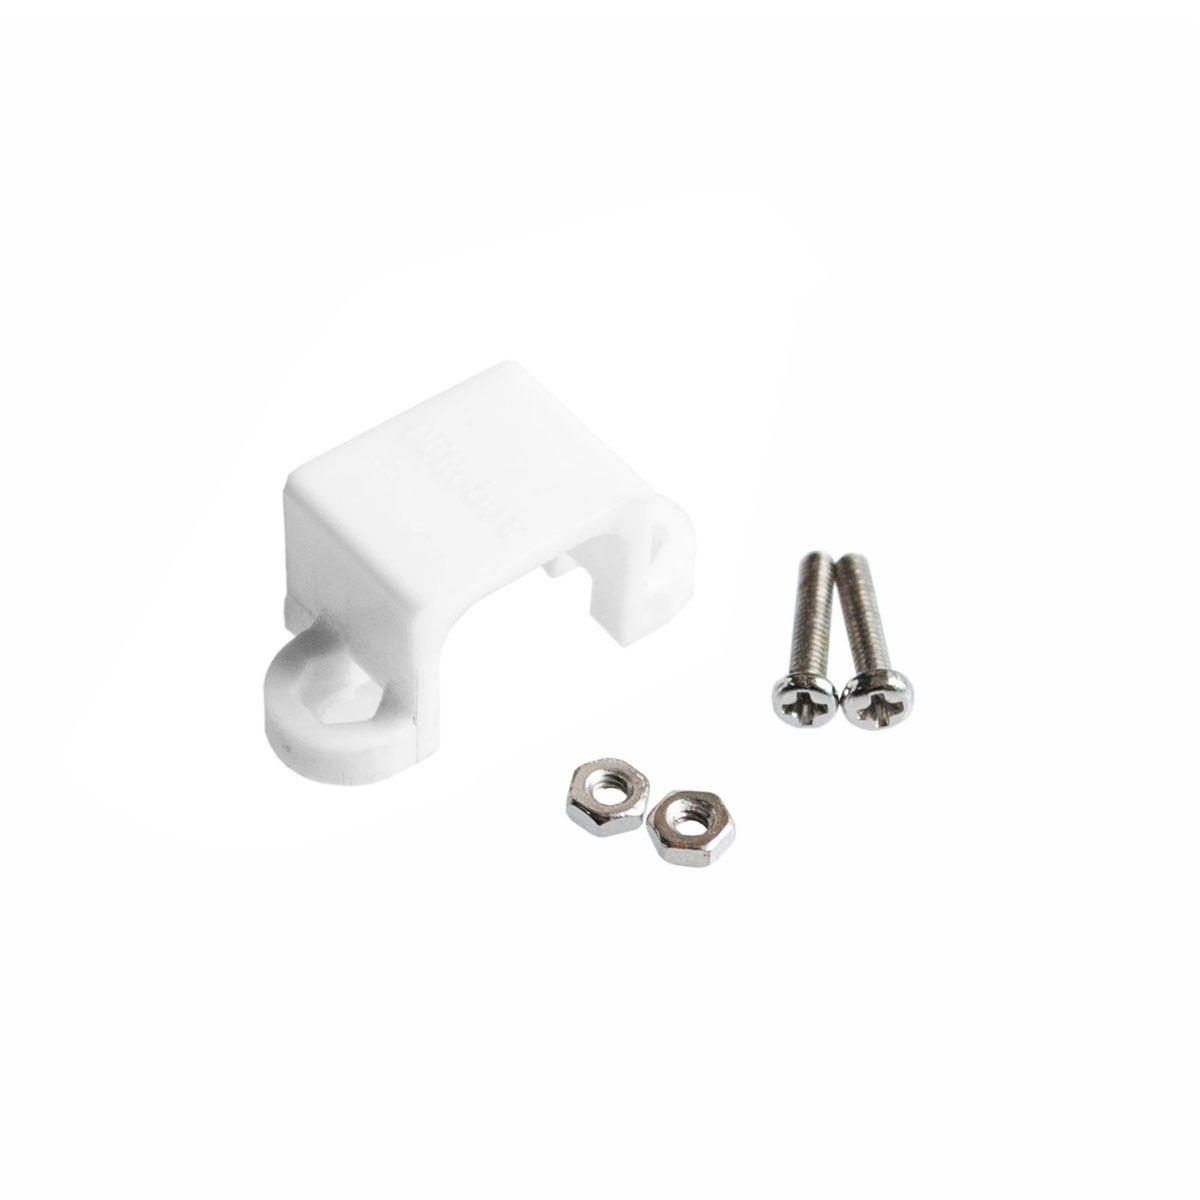 Suporte Plástico para Motor N20 / N30